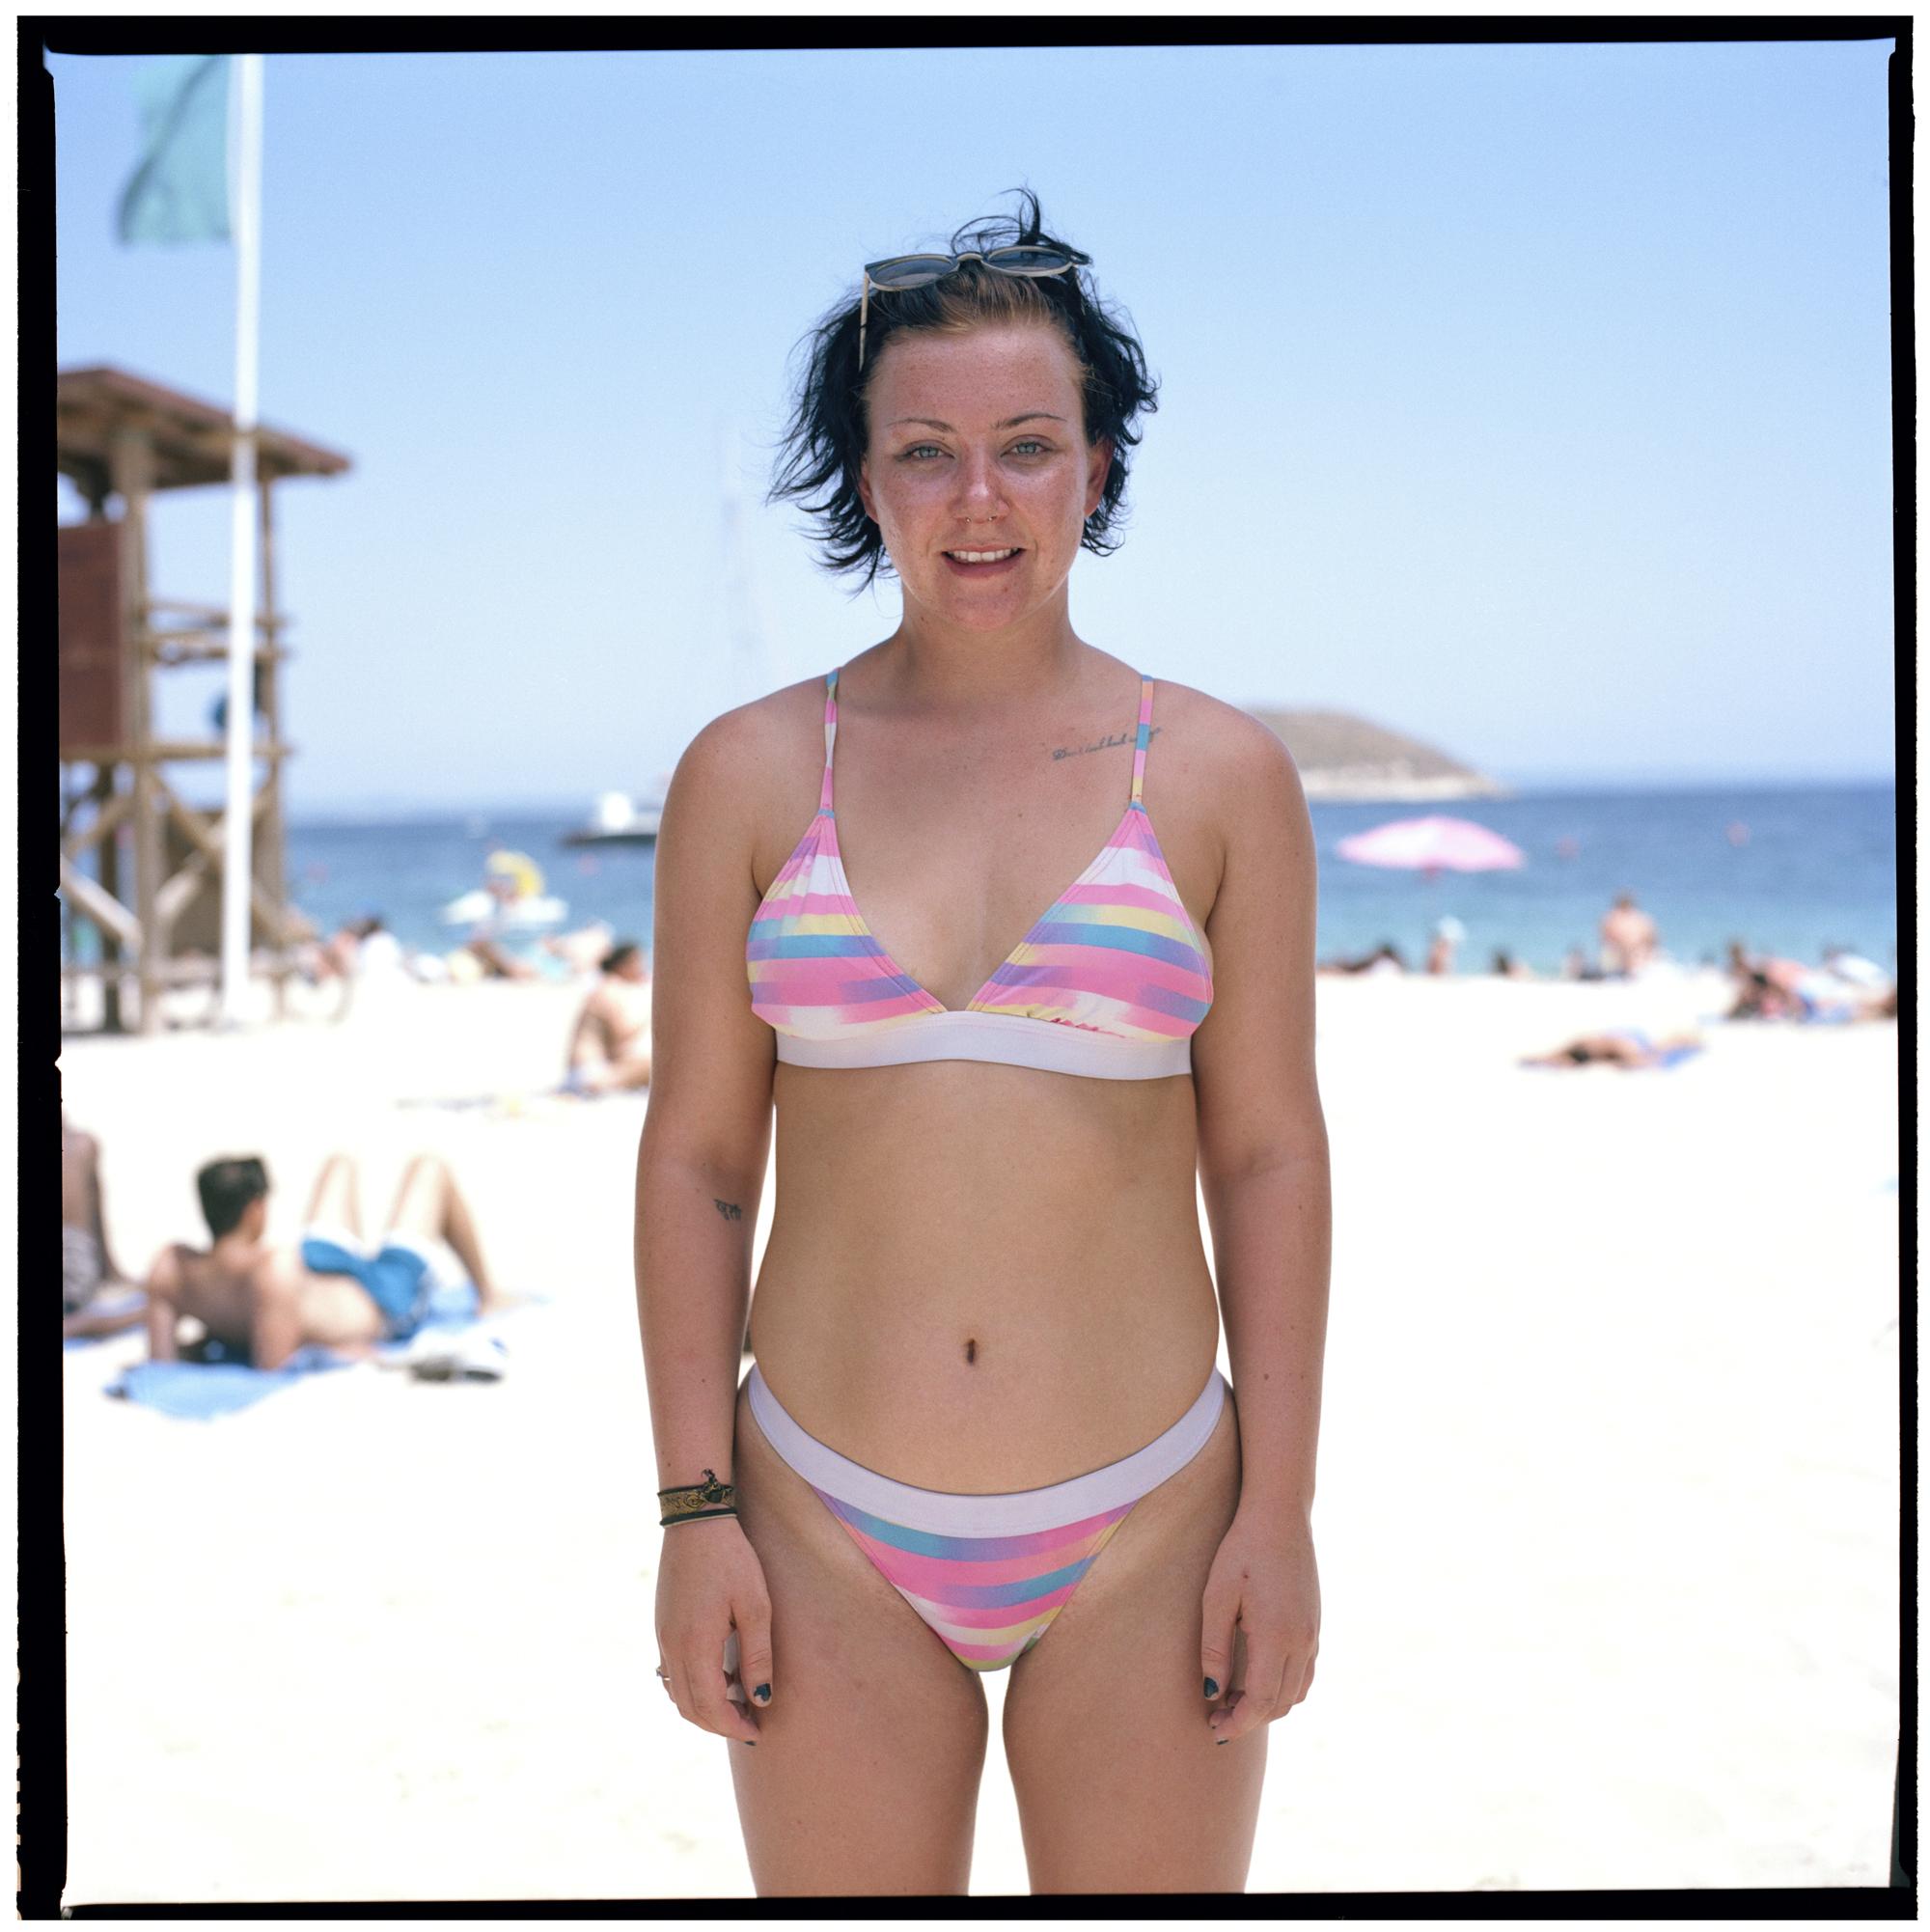 Grant Smith - Girl in striped bikini on beach